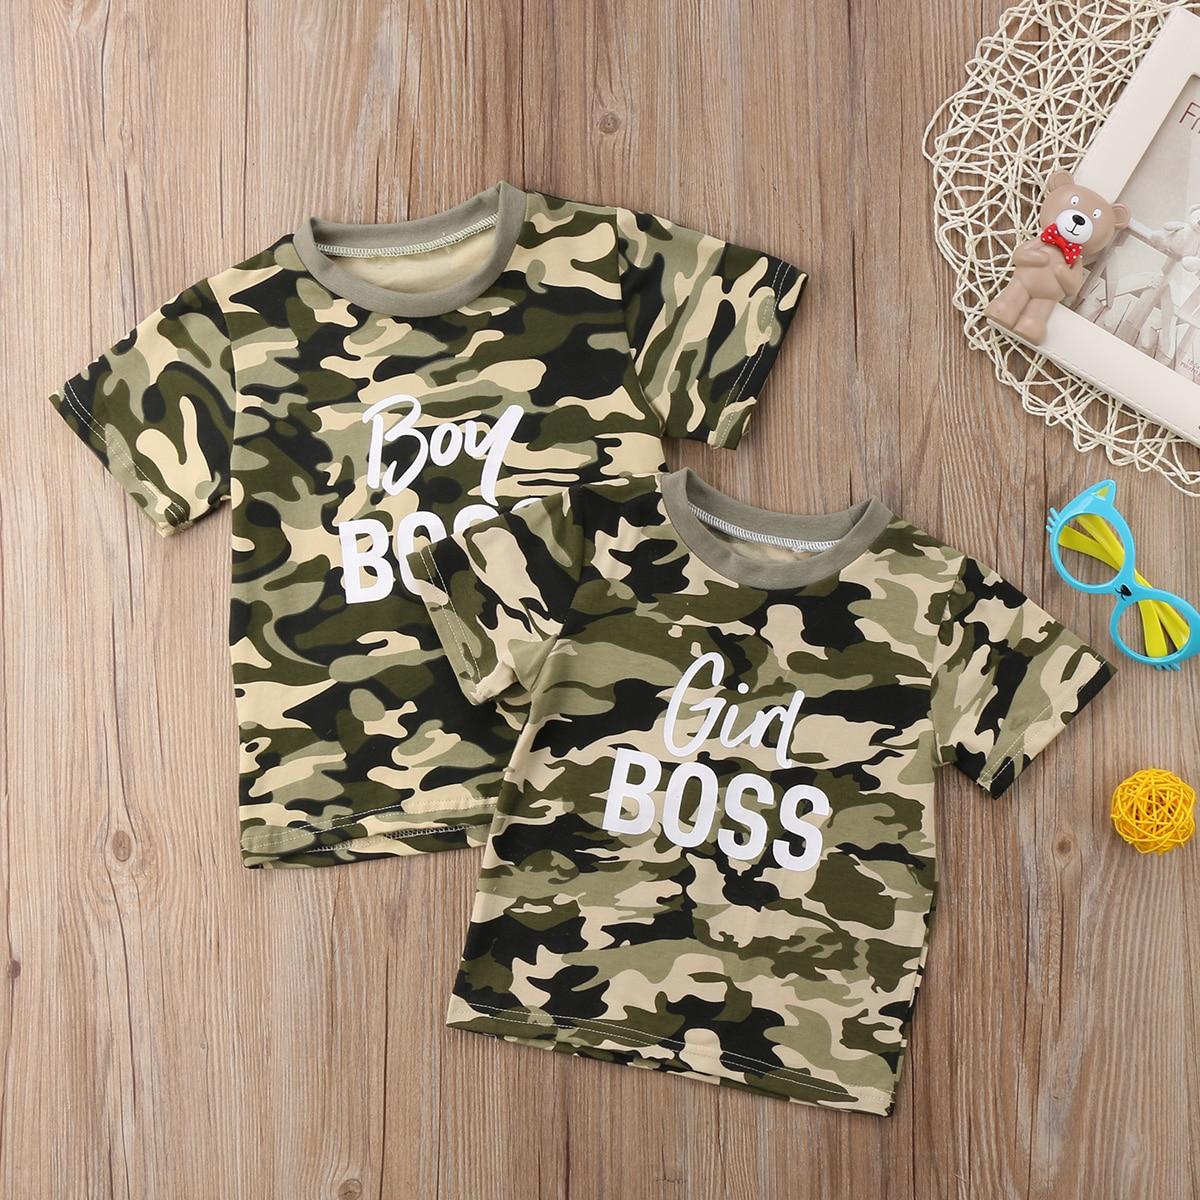 Camouflage T-shirt Ragazza/ragazzo Boss Ragazzi Neonato Vestiti Delle Ragazze Del Cotone Del Pagliaccetto Tutina Tops T Shirt Tee Outfits Nuove Varietà Sono Introdotte Una Dopo L'Altra